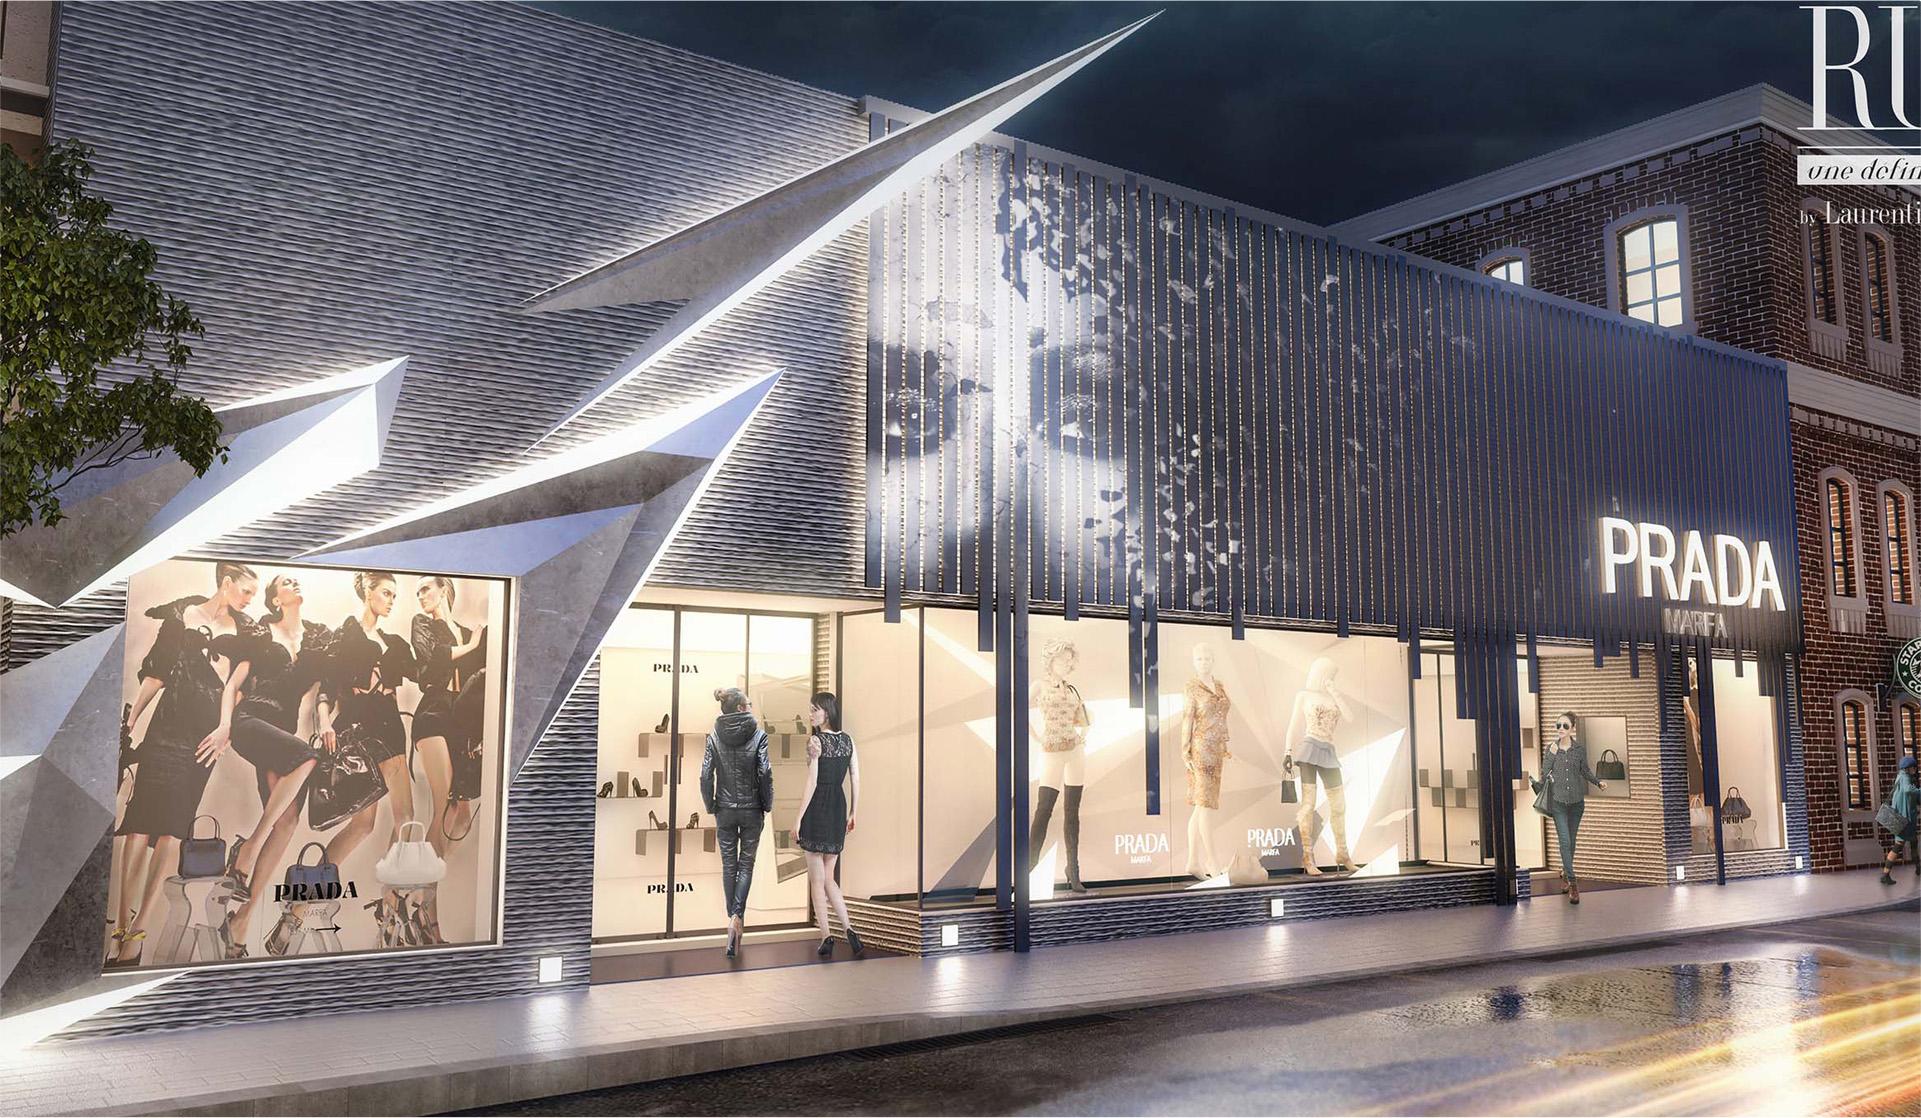 Prada Store Design